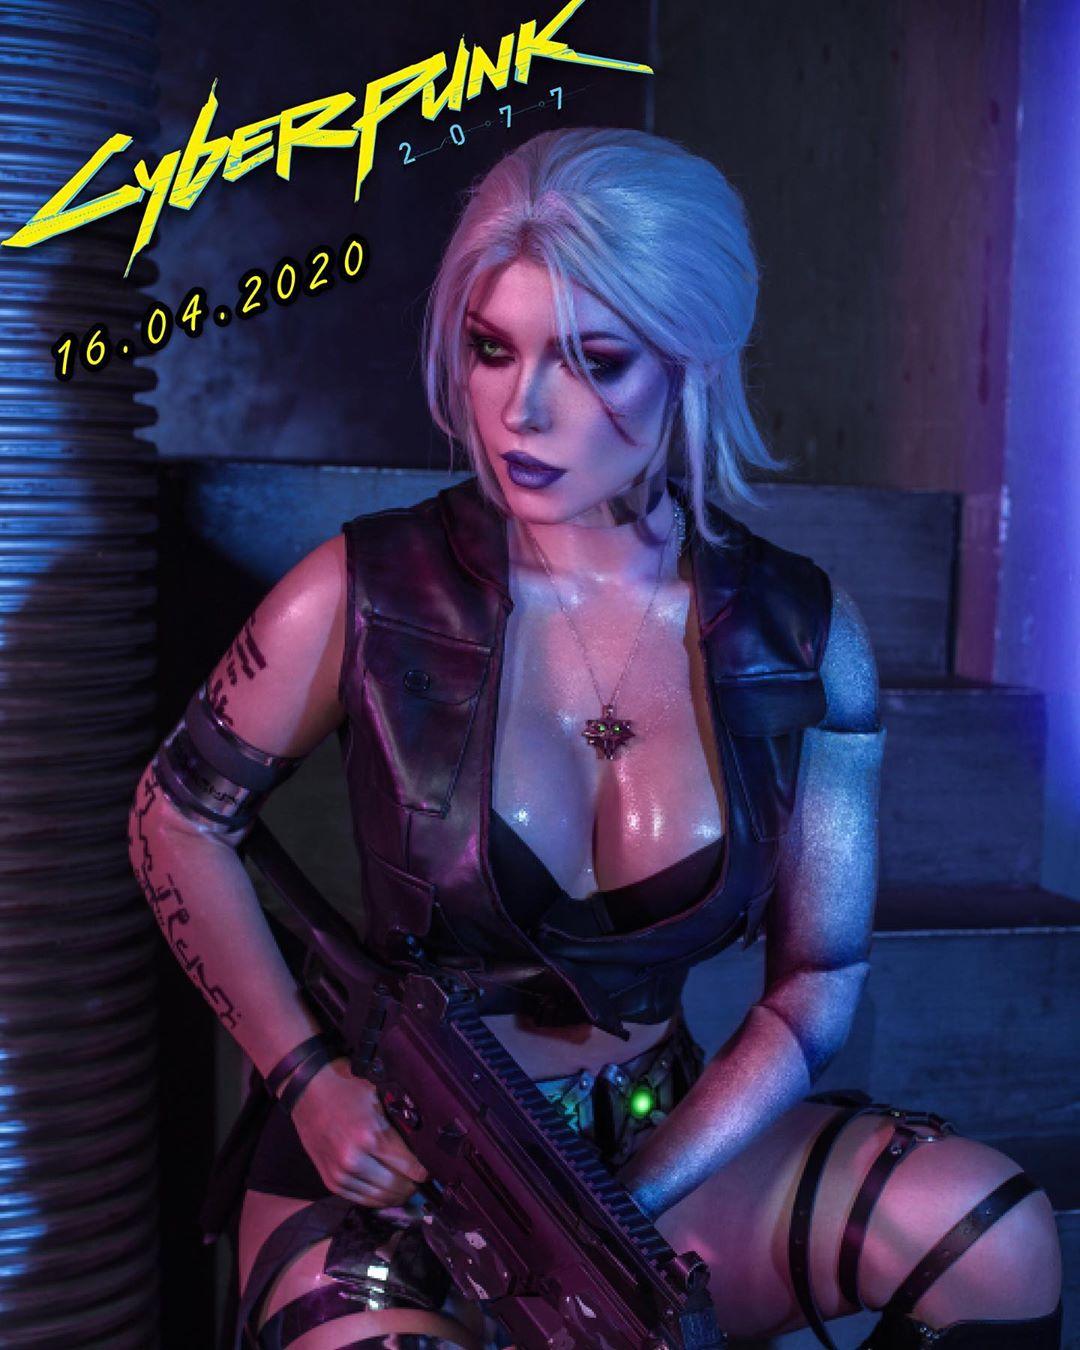 Irine Meier cosplay Cyberpunk 2077 1